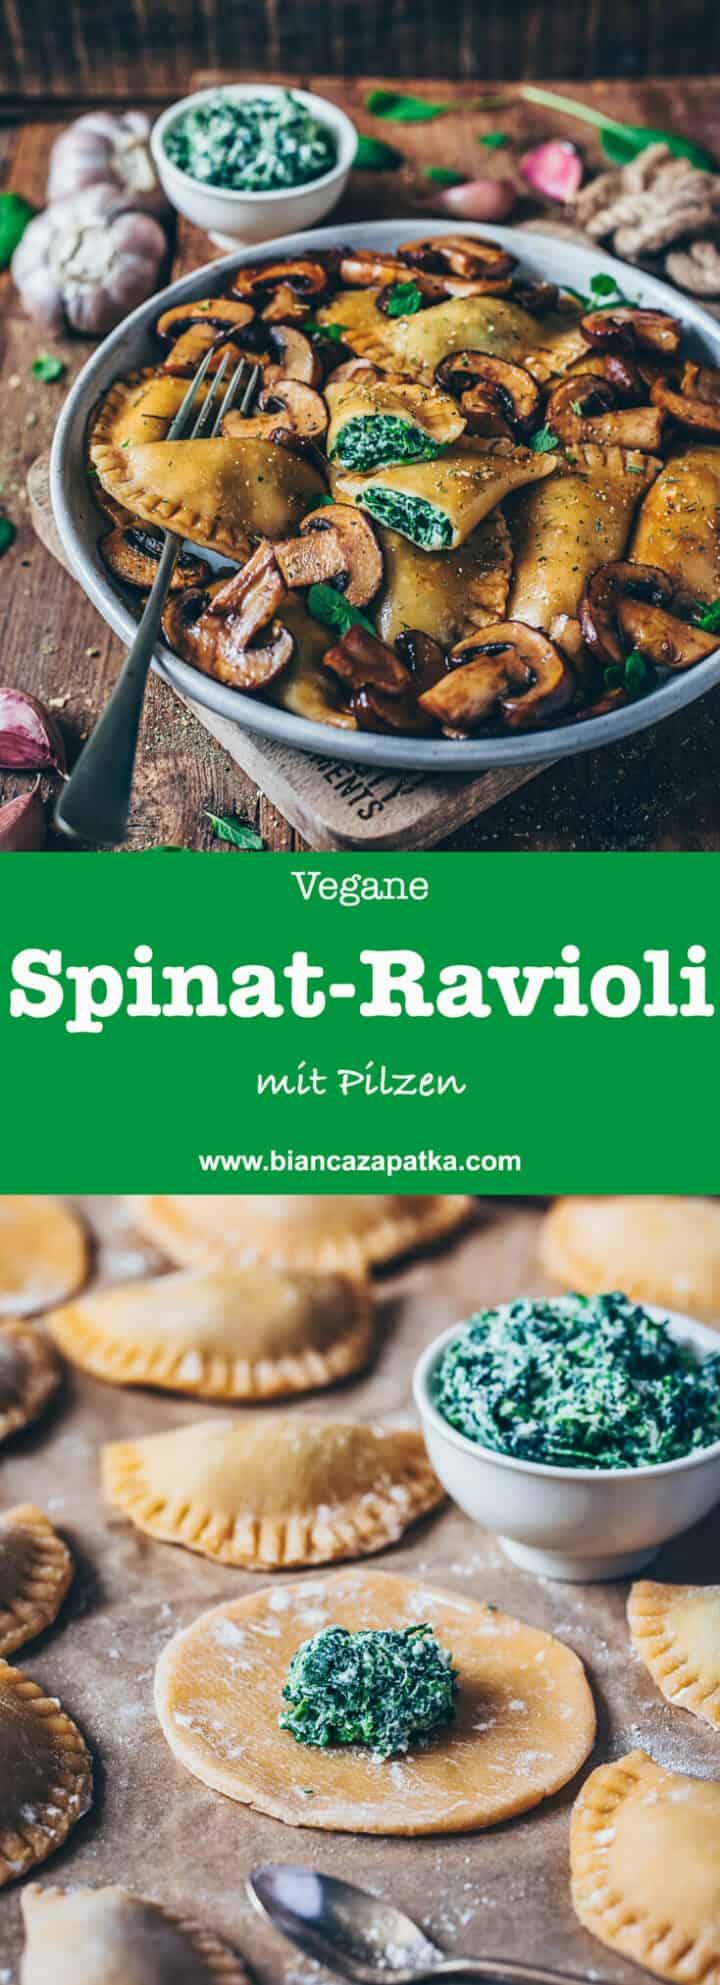 Rezept für vegane Ravioli mit Spinat und Pilzen - einfach, lecker und gesund